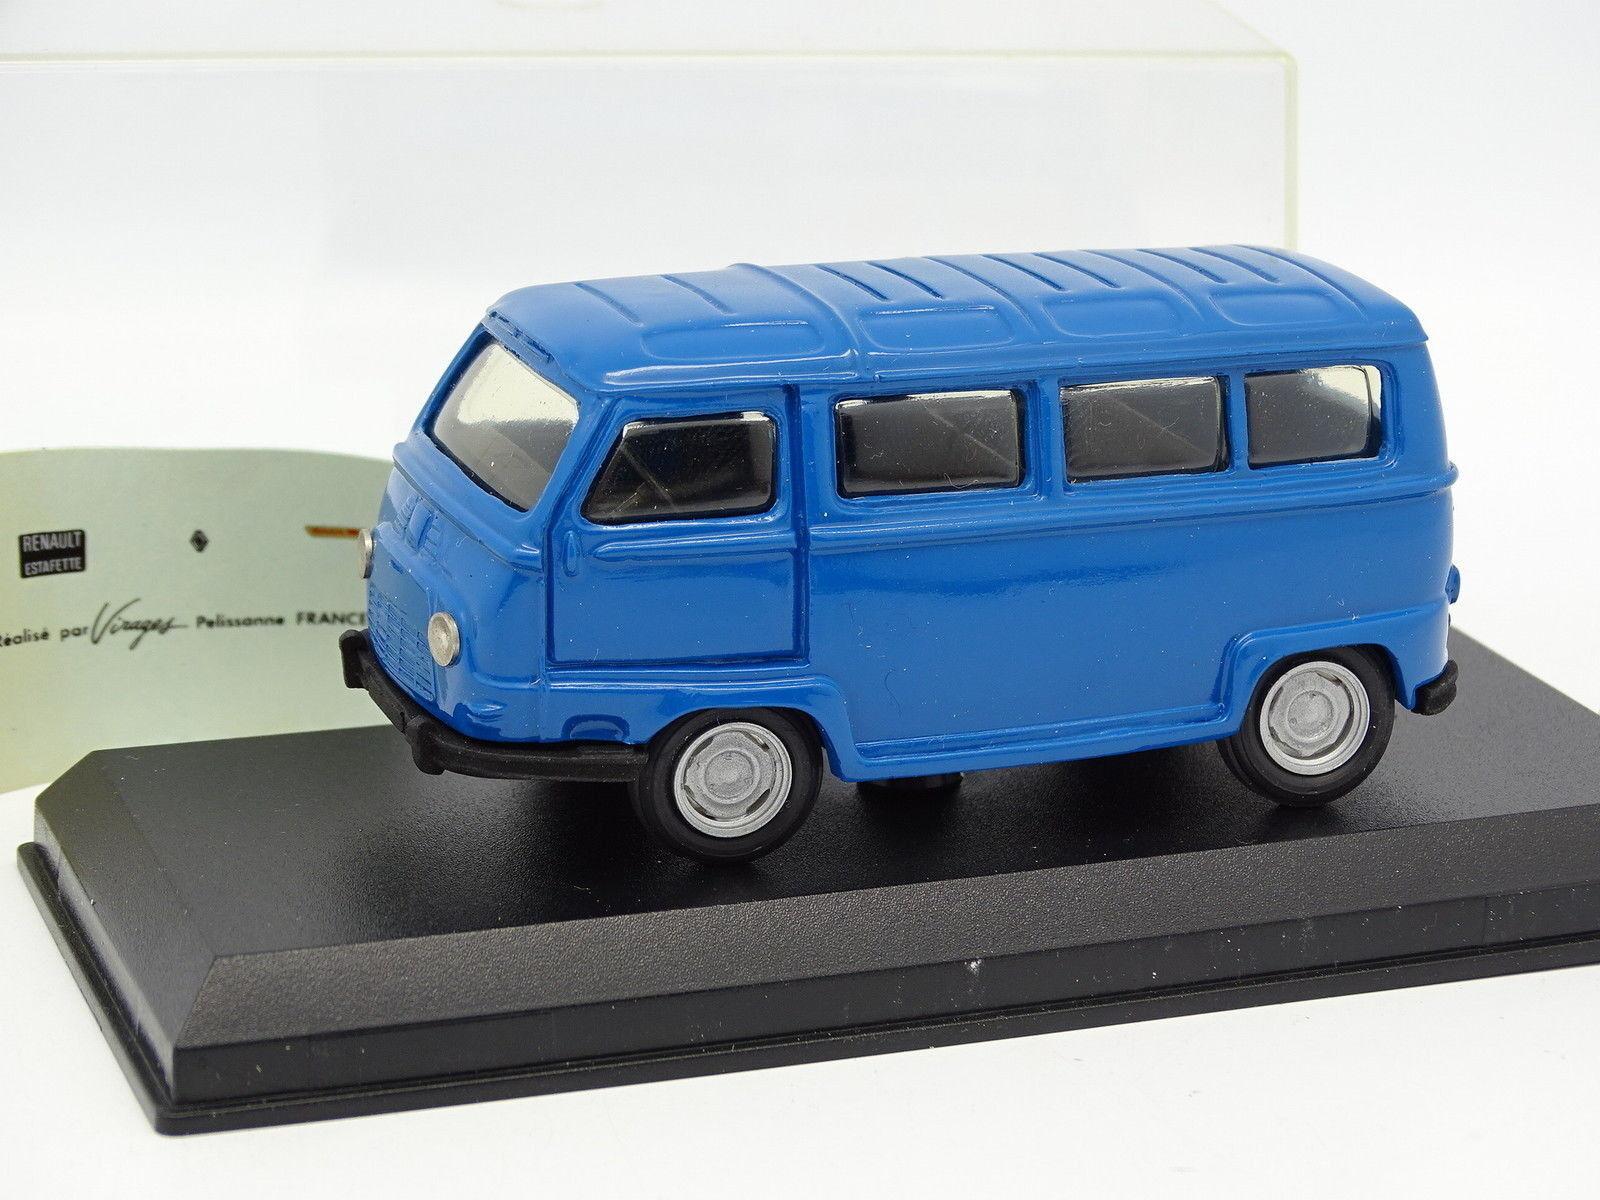 Duvi Resina 1 1 1 43 - Renault Estafette Esmaltado blue bf8b5e